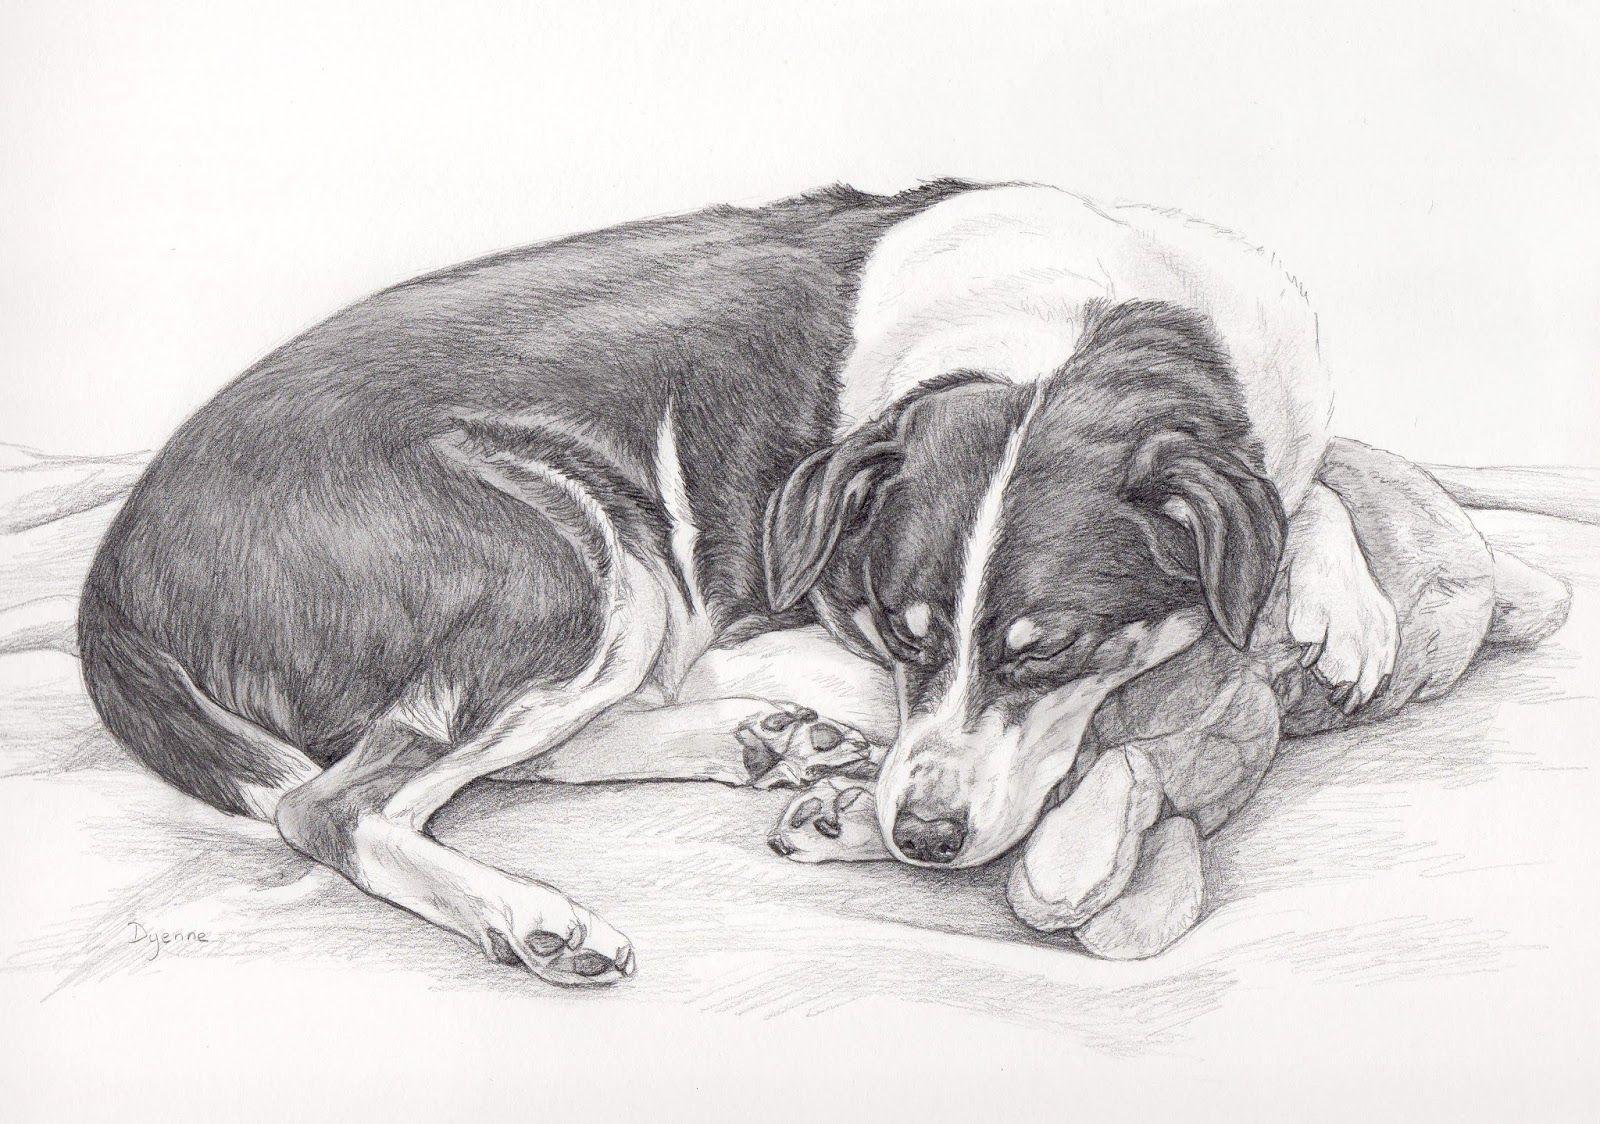 Potlood Tekening Van Jari Honden Portret In Grafiet Door Dyenne Nouwen Dieren Tekenen Hond Tekeningen Honden Portretten